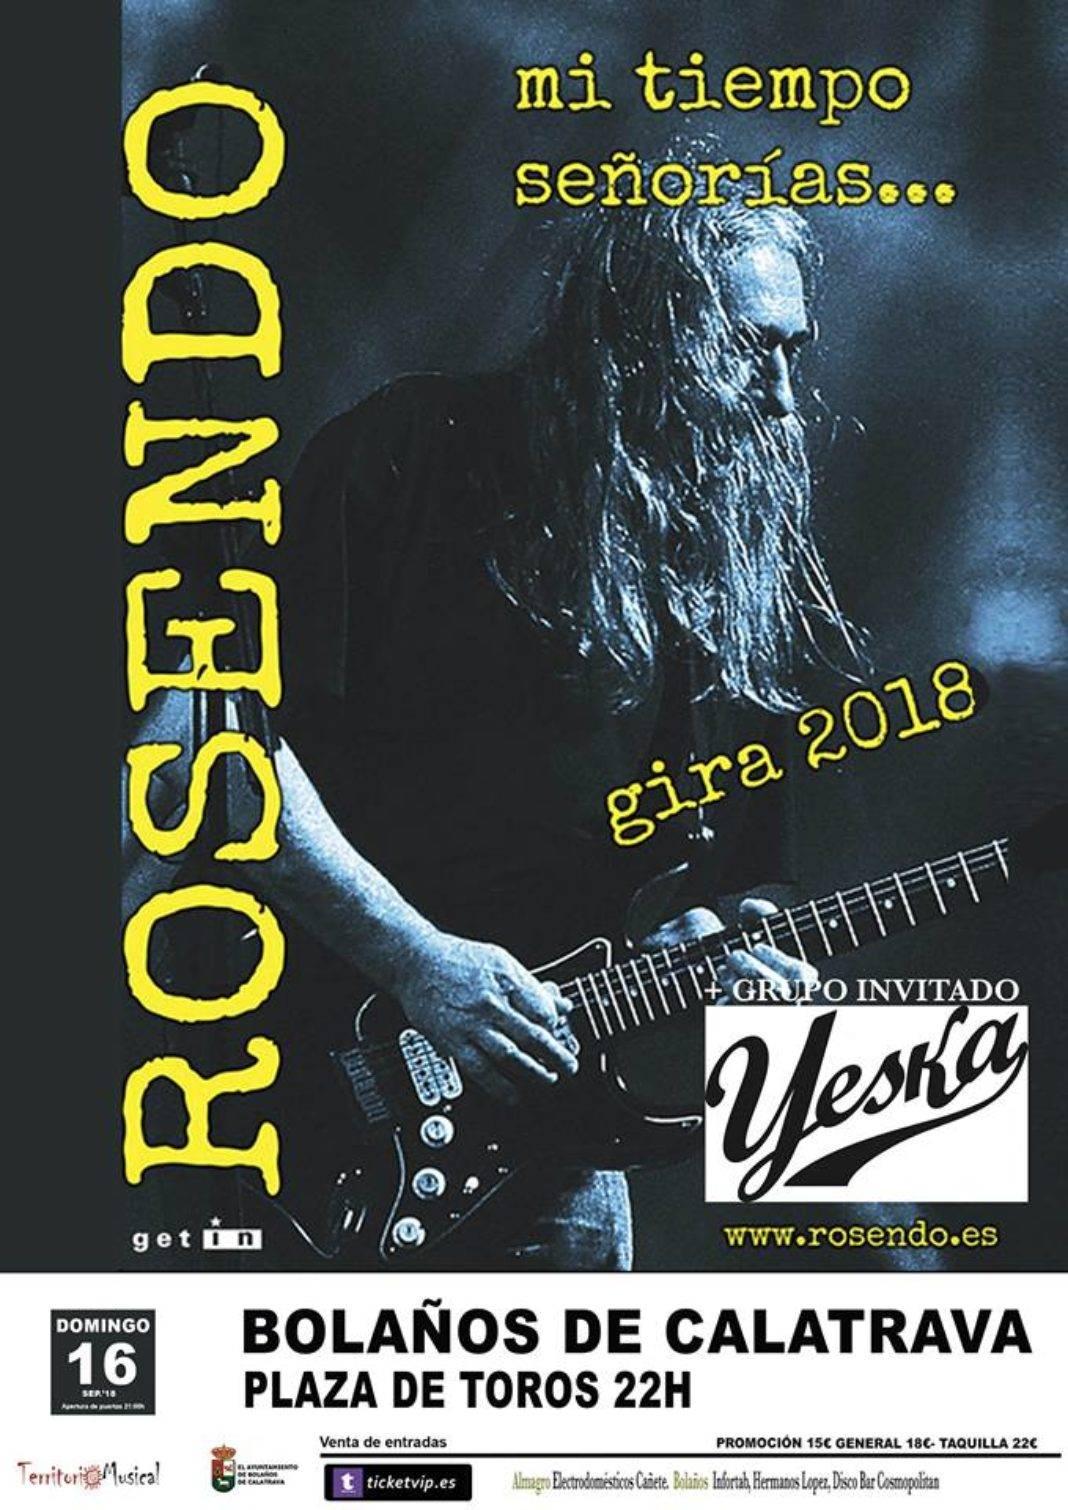 Concierto de Rosendo y Yeska en Bolaños de Calatrava 1068x1510 - Yeska tocará en Bolaños de Calatrava como grupo invitado de Rosendo